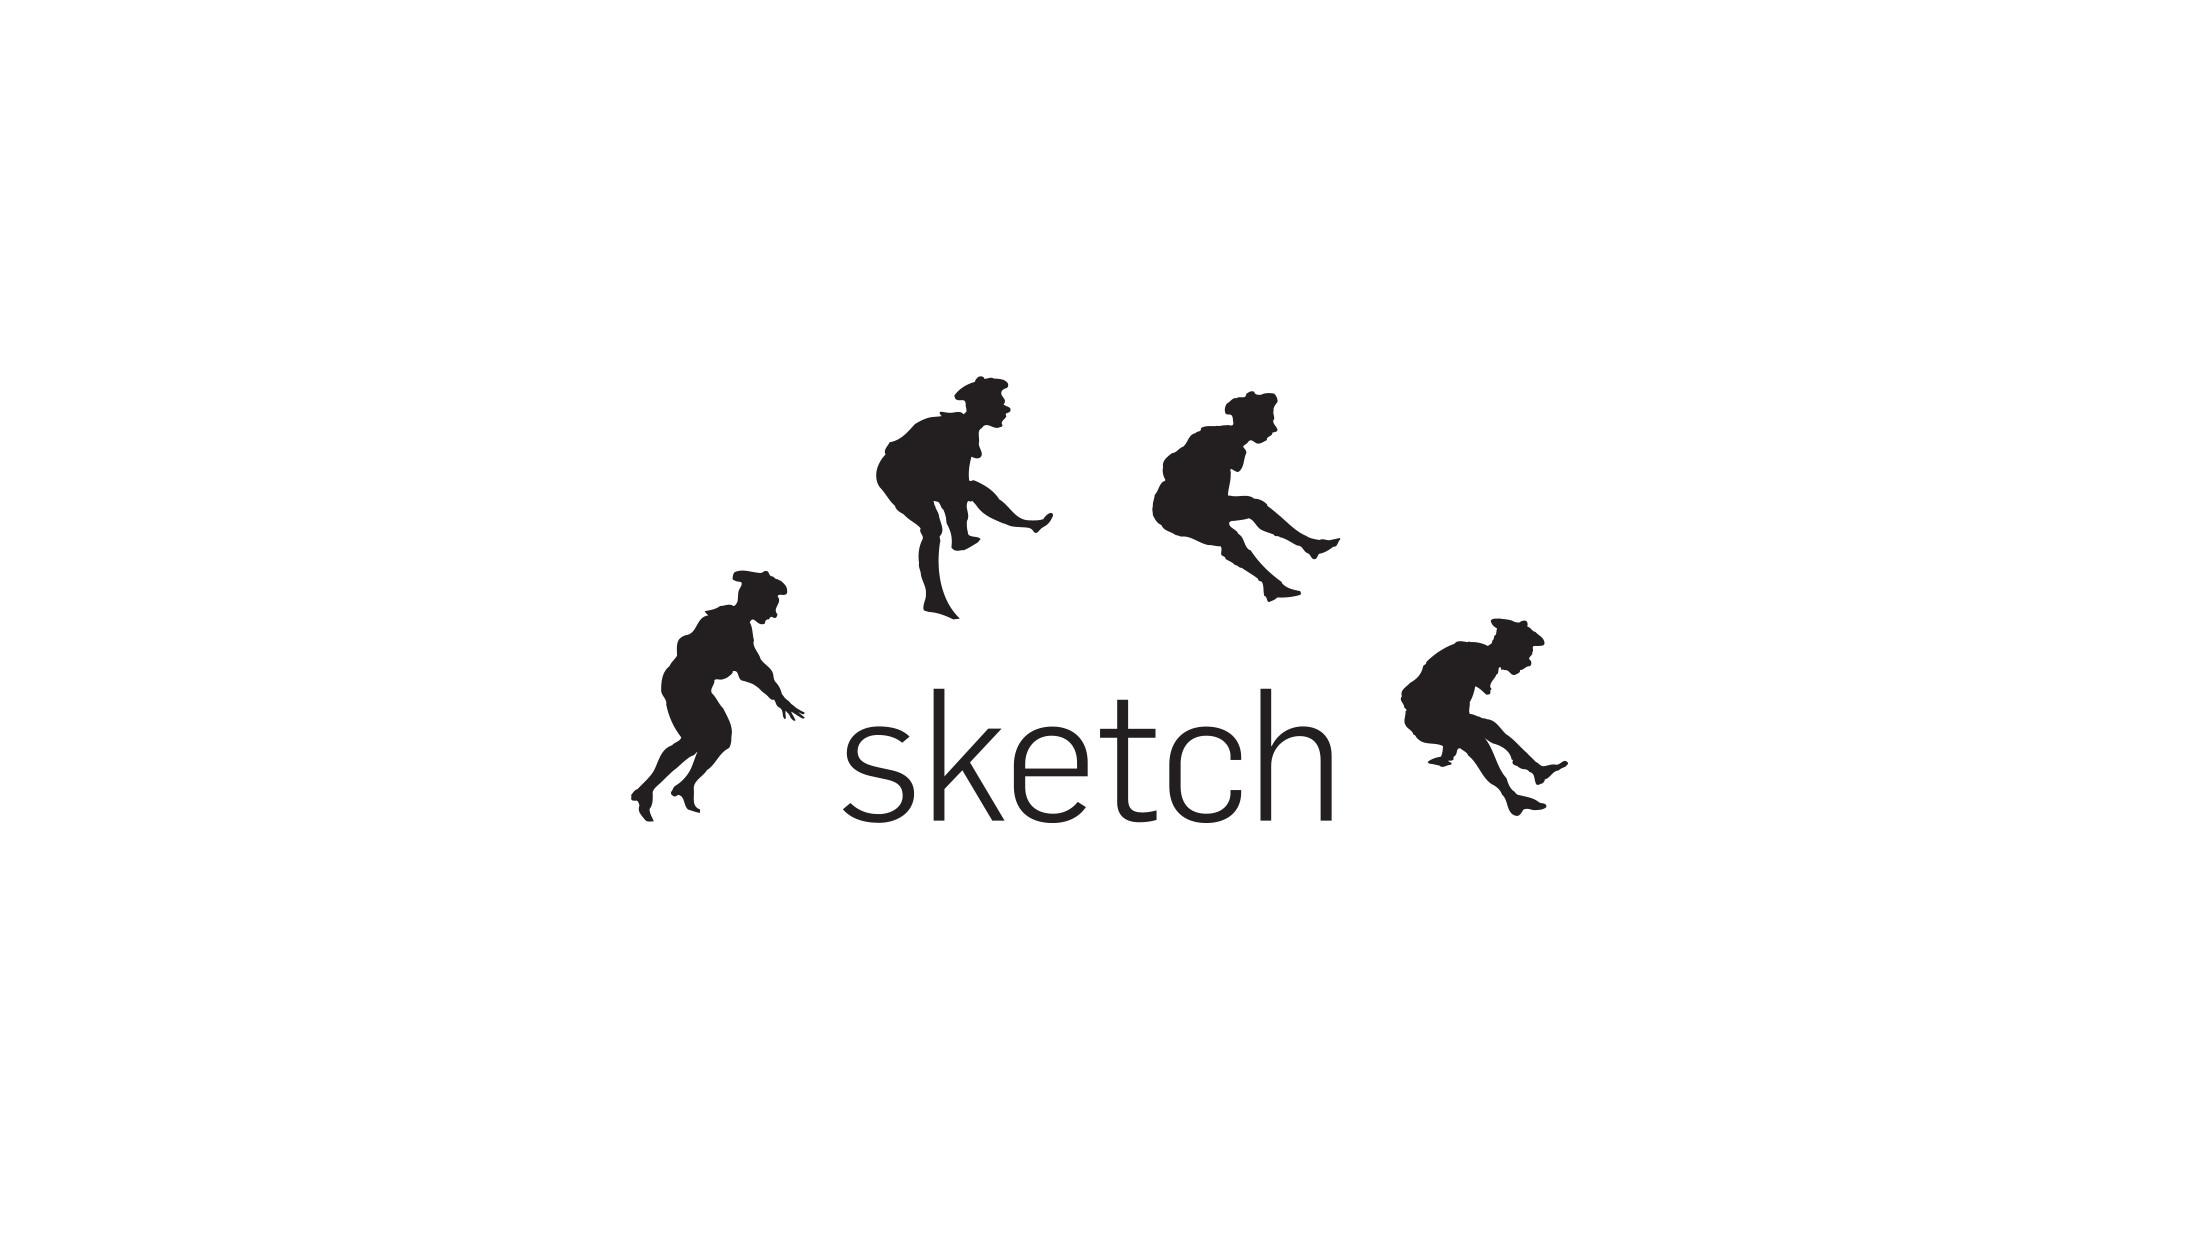 sketch_branding_01